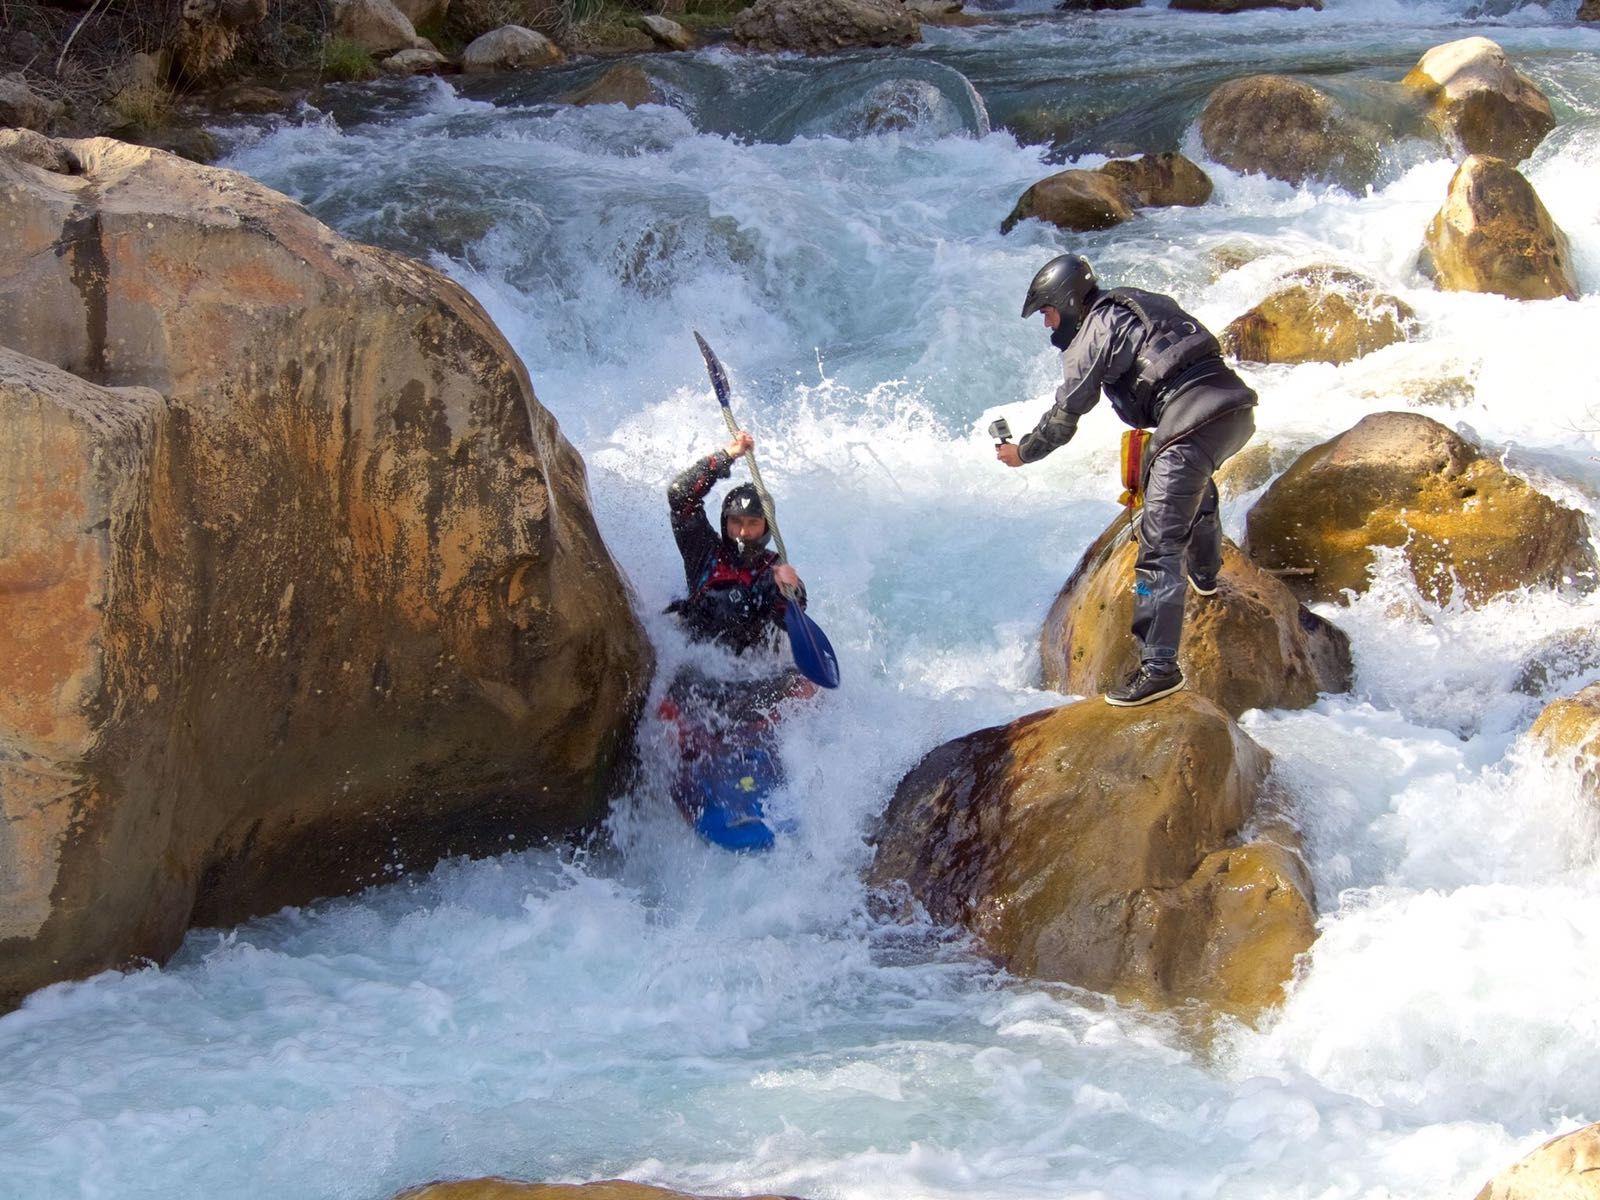 Fotografia Invernalia en el Río Mijares